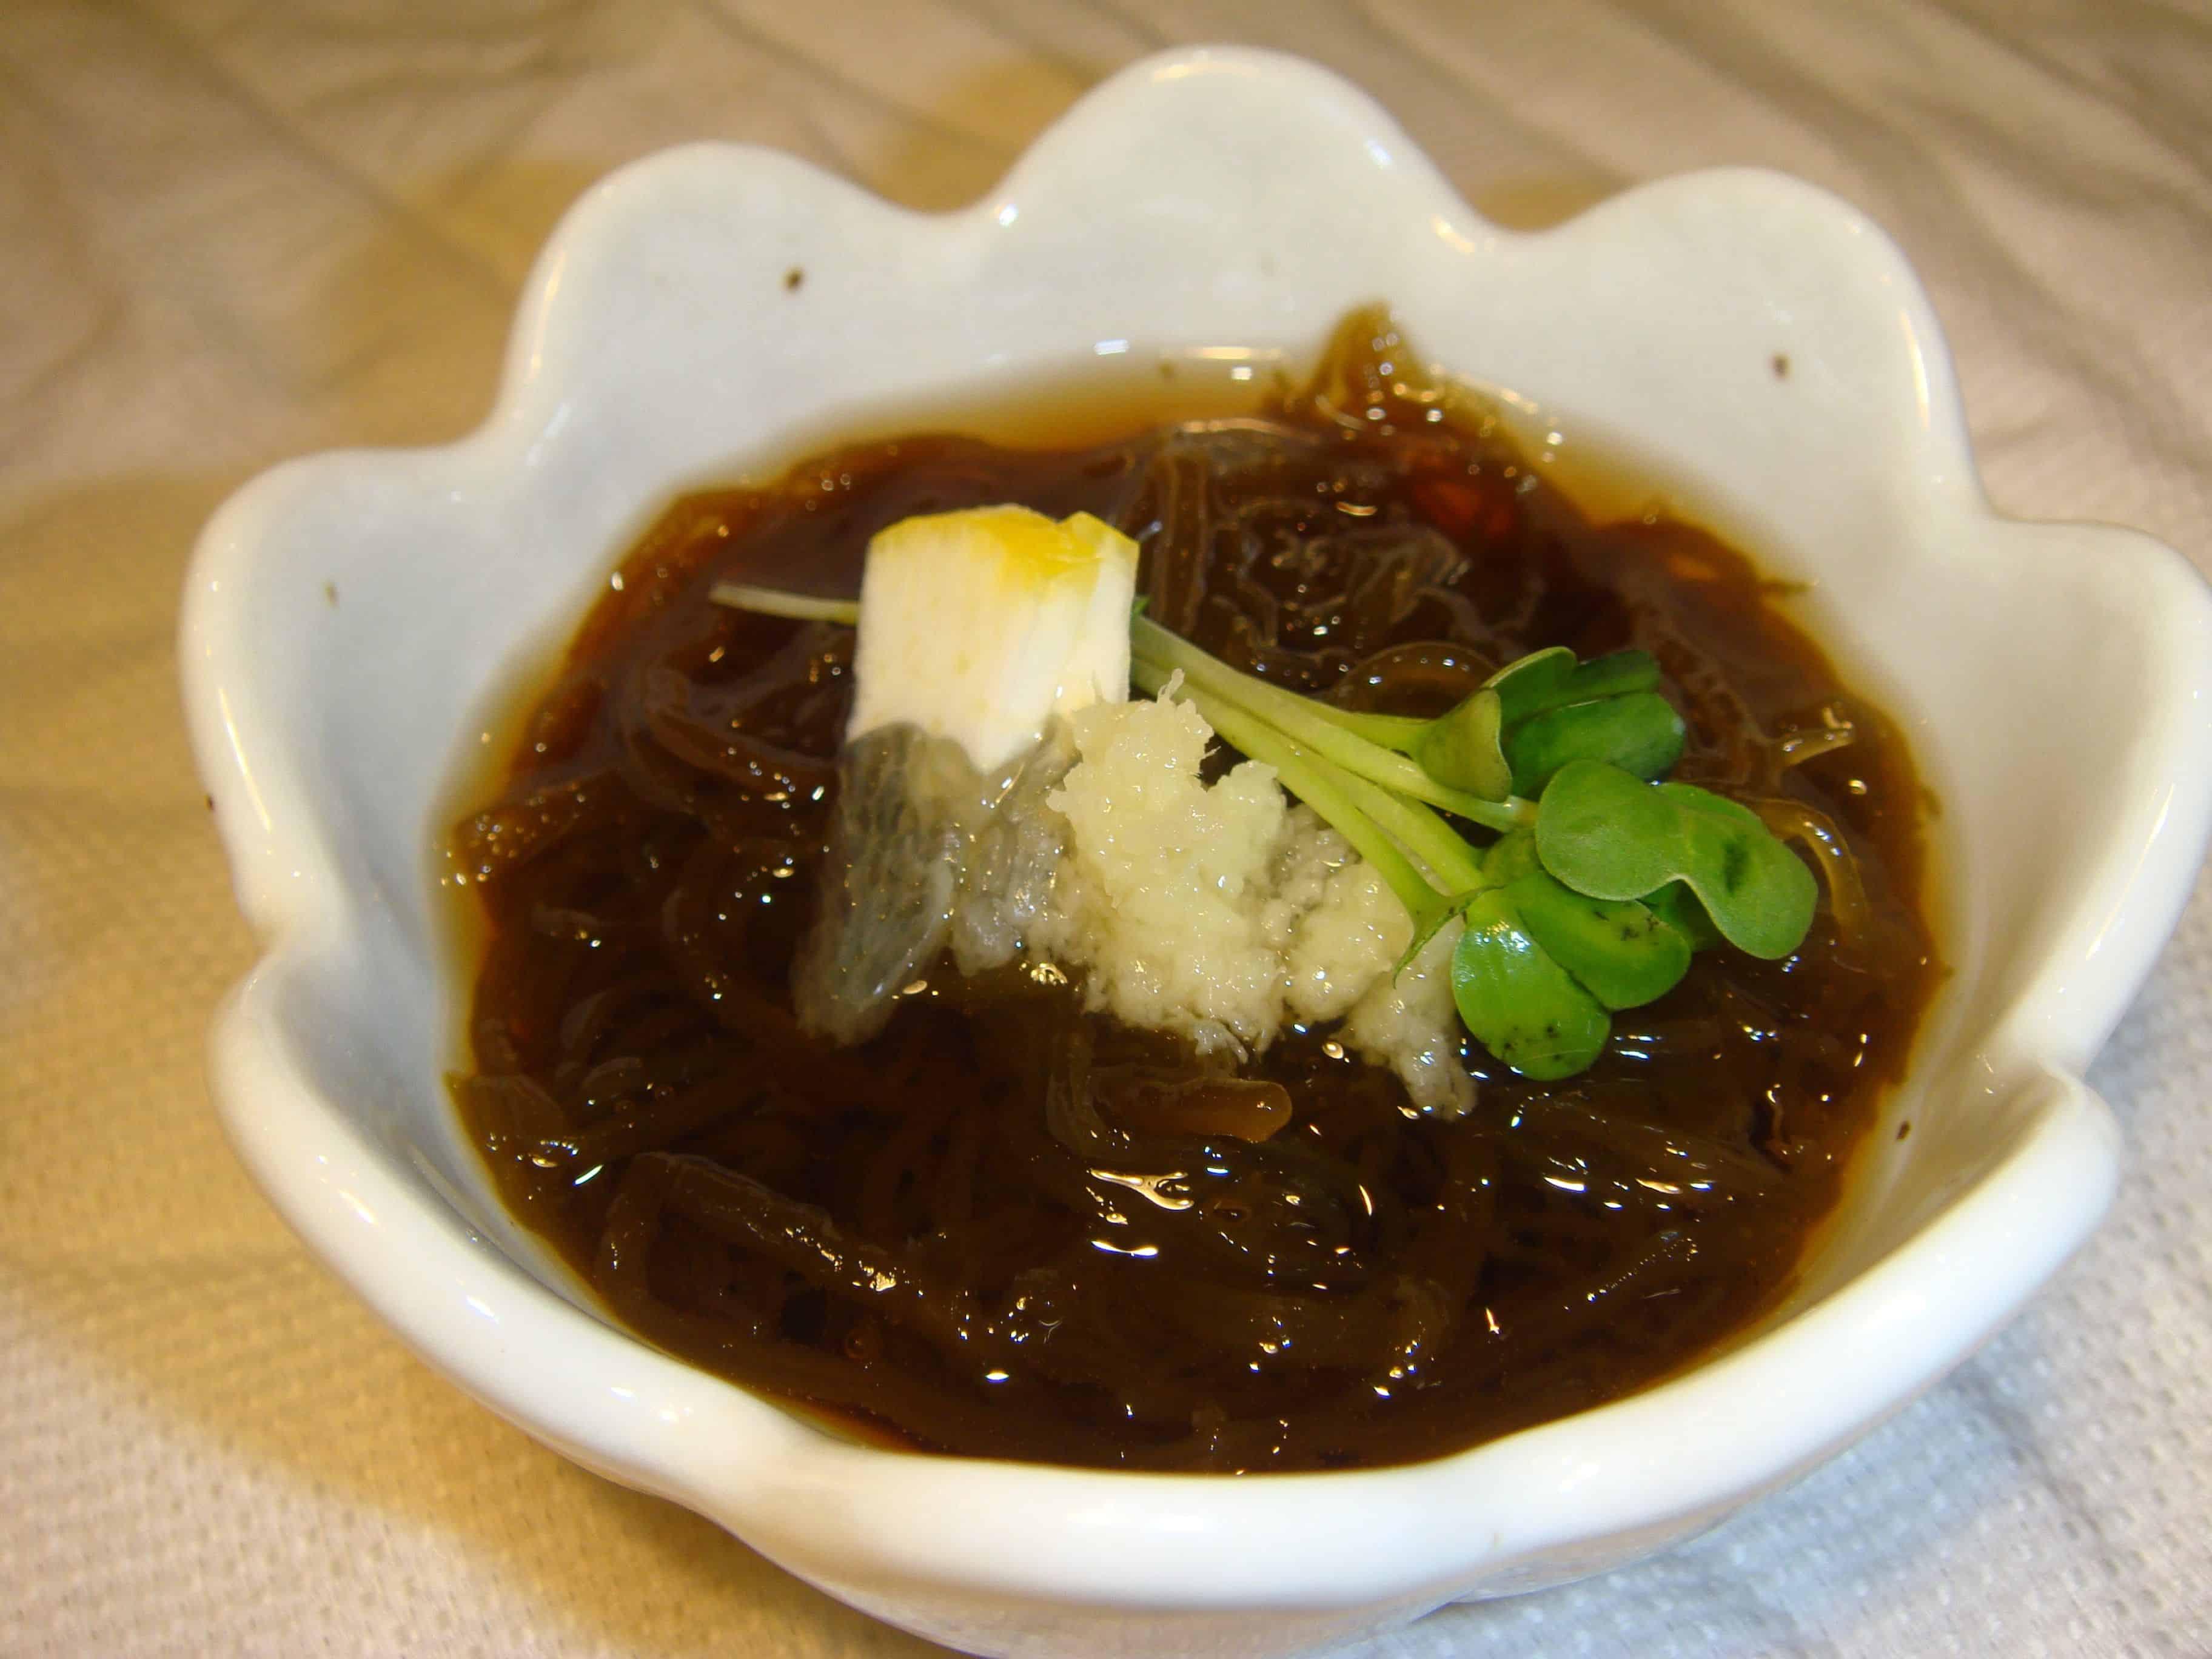 อาหารโอกินาว่า โมซุกุสุ